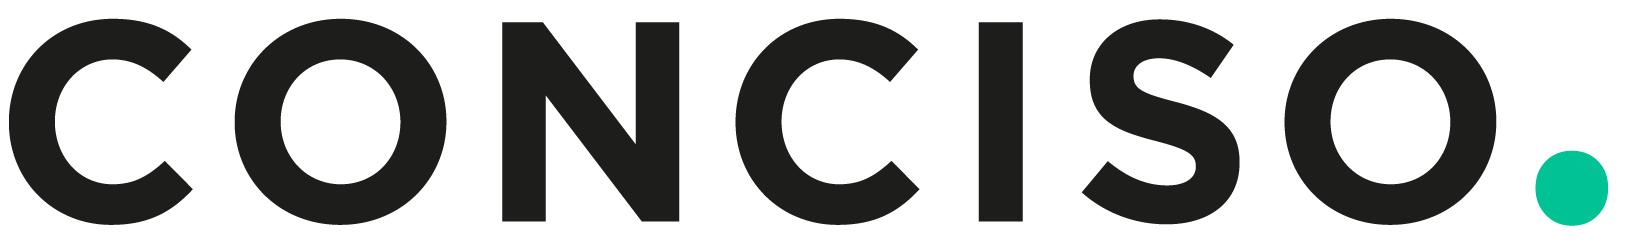 c115dc3d5f56b3981185.jpg